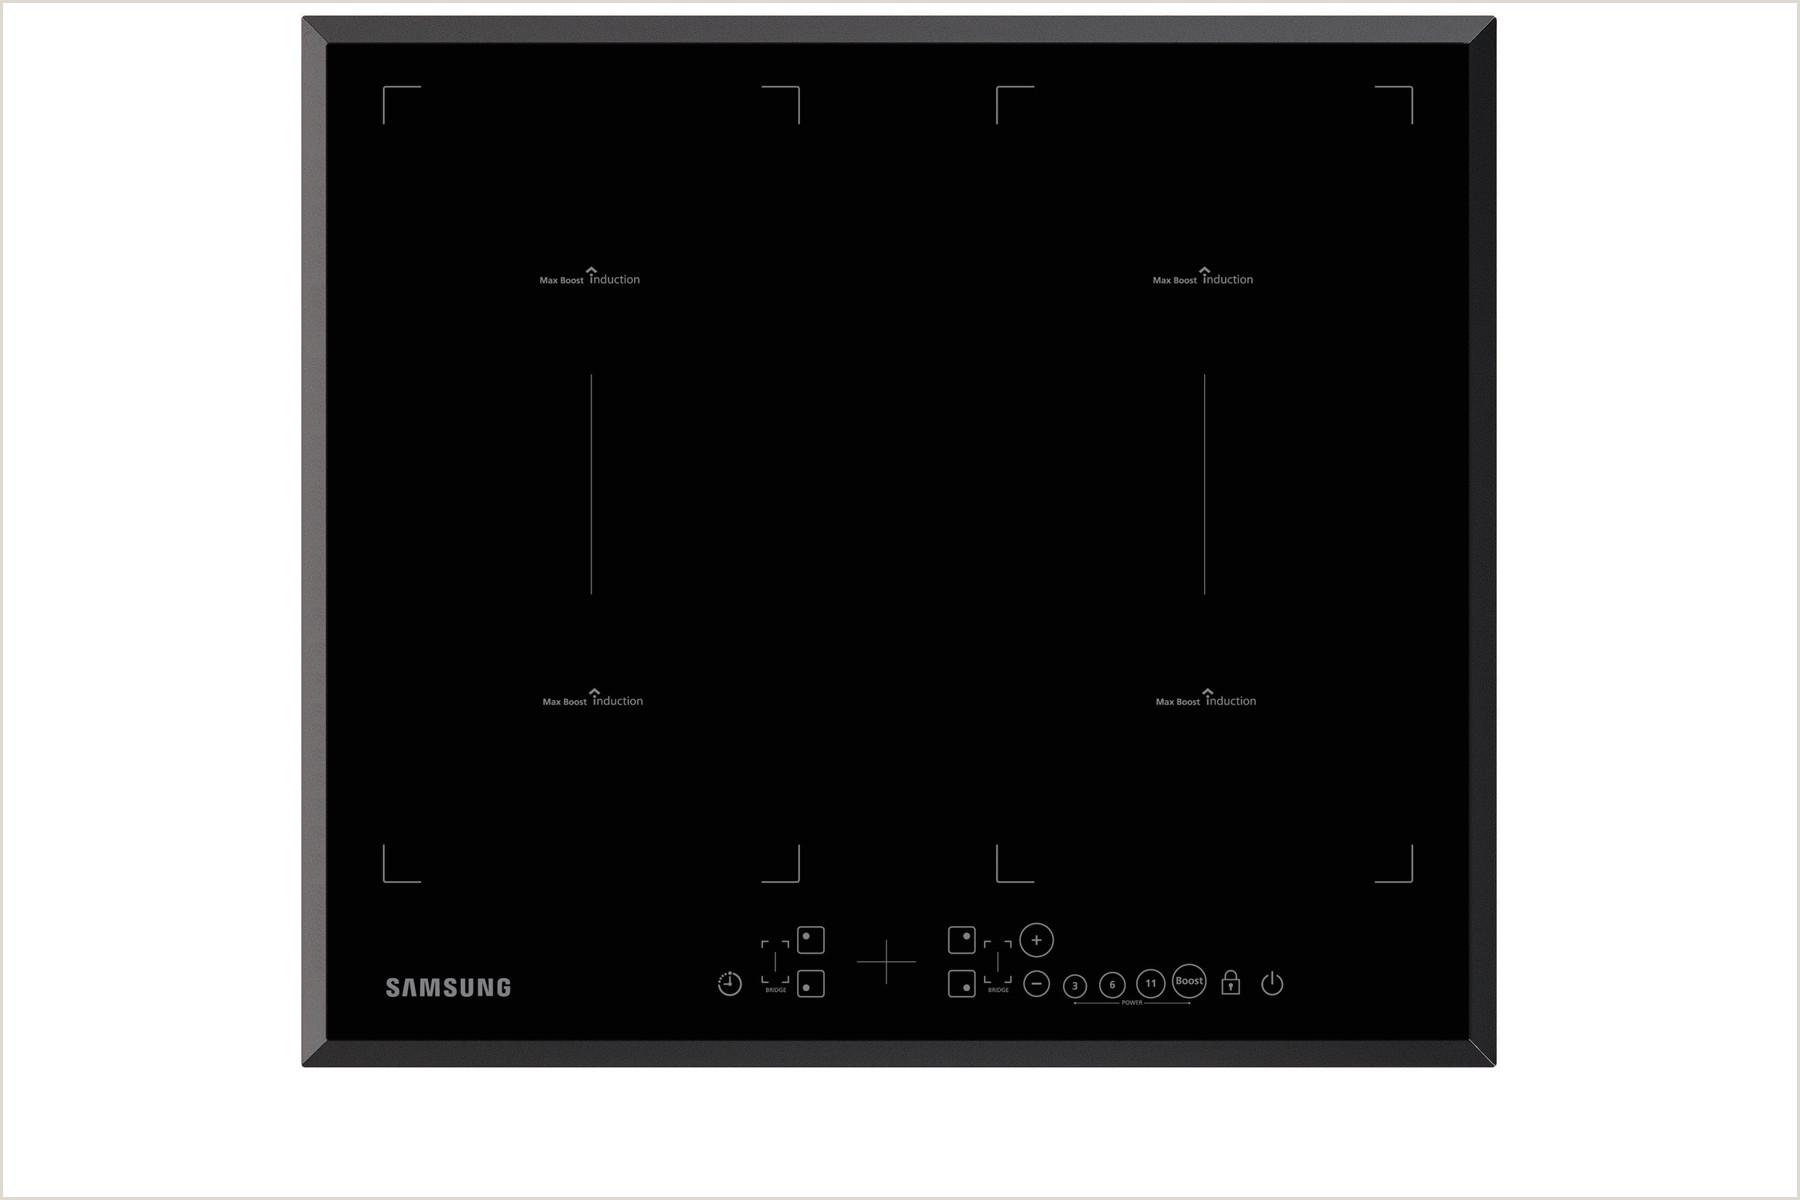 Formato Unico De Hoja De Vida Instrucciones Samsung Electroménager Plaque De Cuisson Table Induction 2